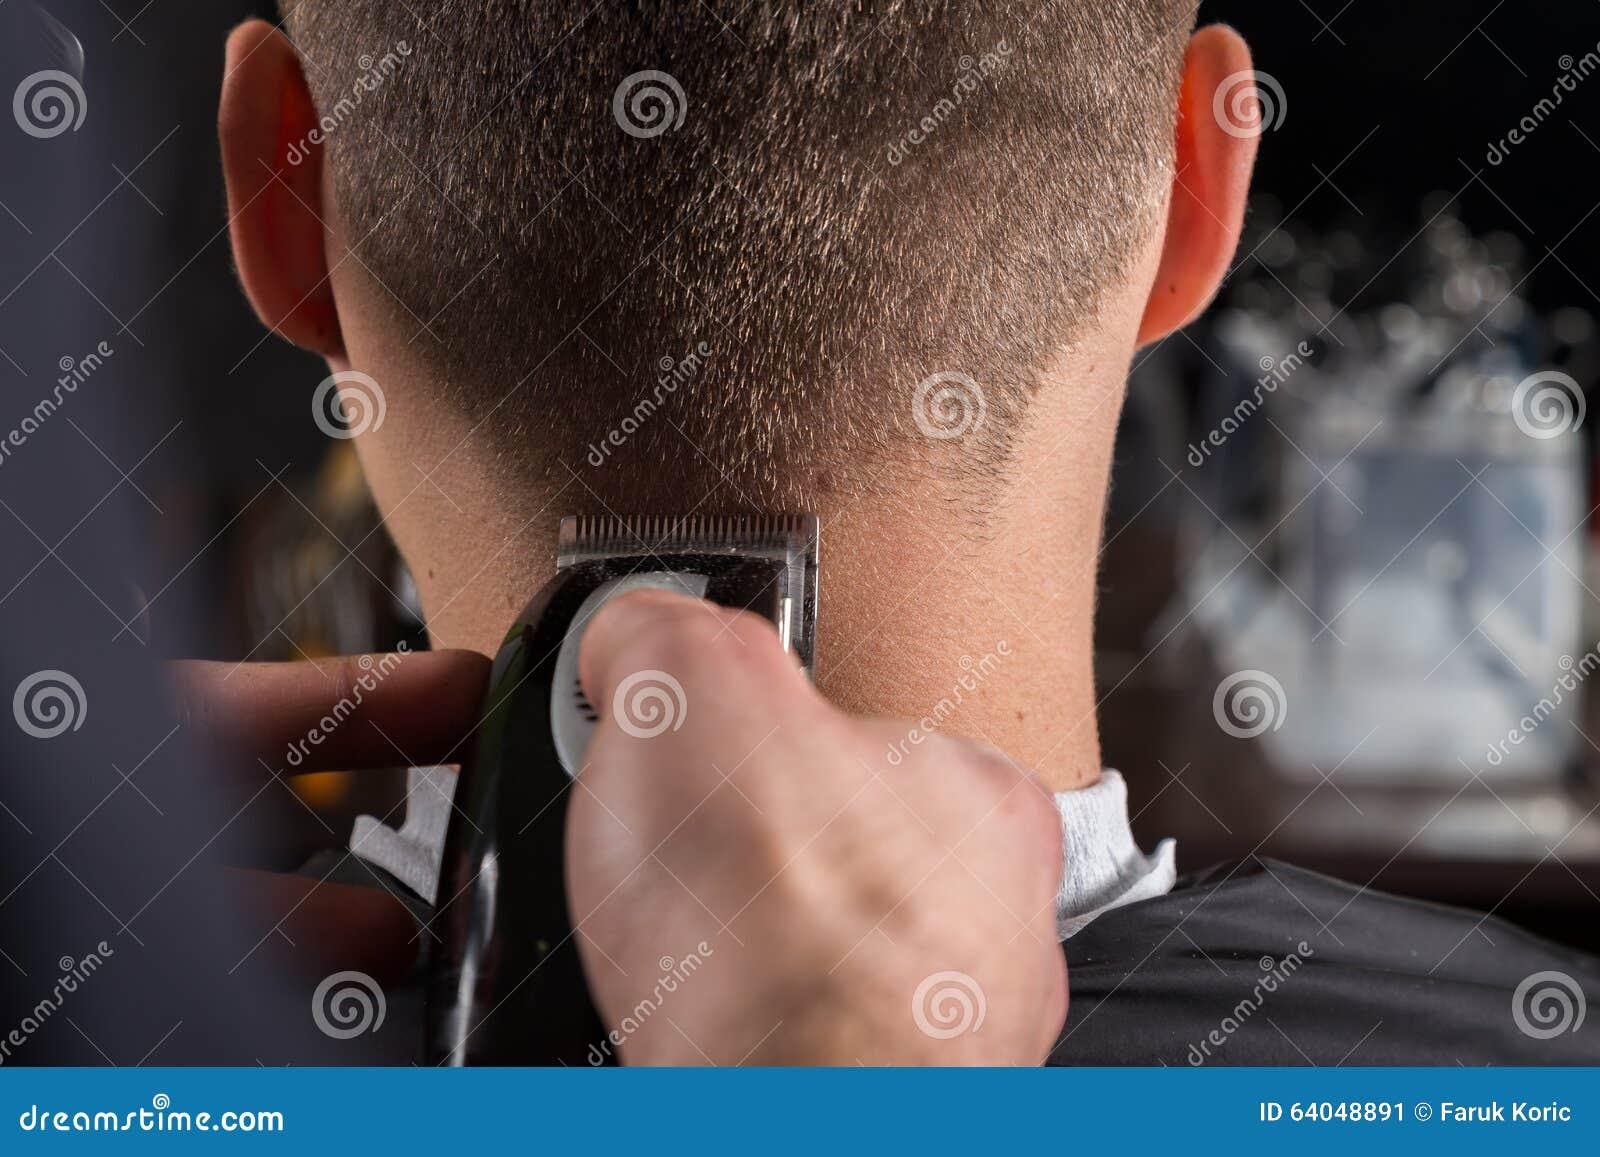 Friseurausschnitt-Kundenhaar mit einem elektrischen Haarscherer